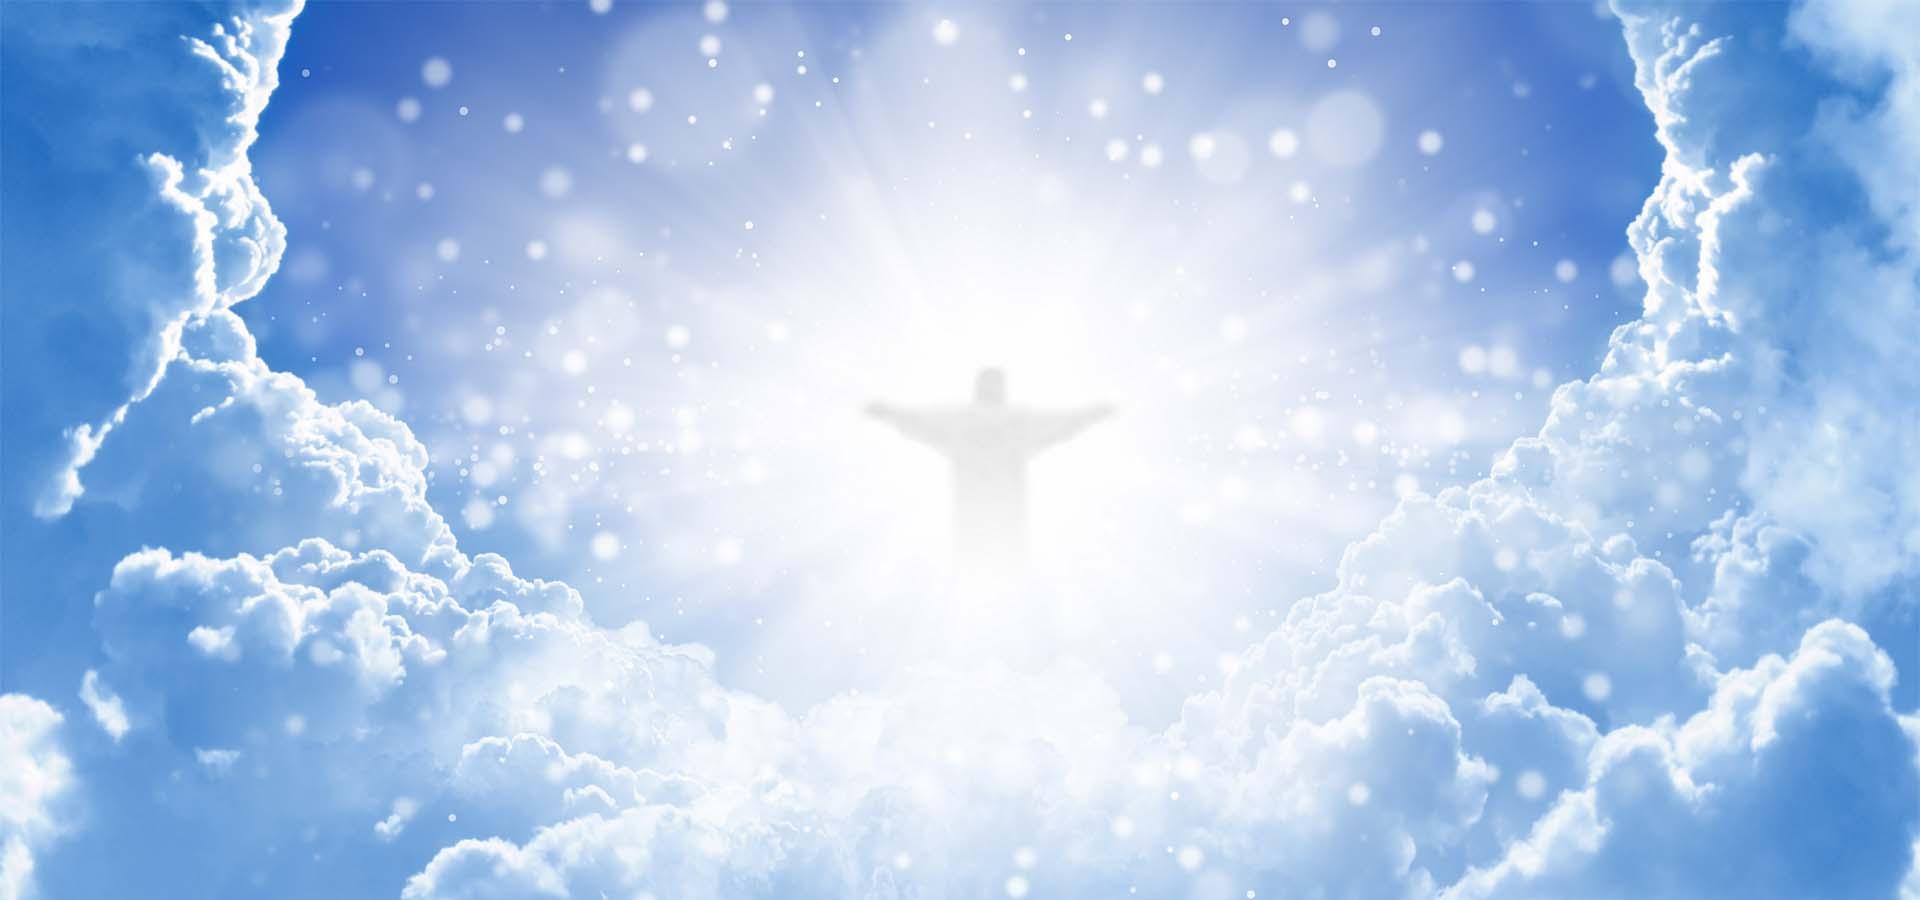 Το Φεστιβάλ του Πάσχα - Εορτή Μέγιστης Πνευματικής Σημασίας